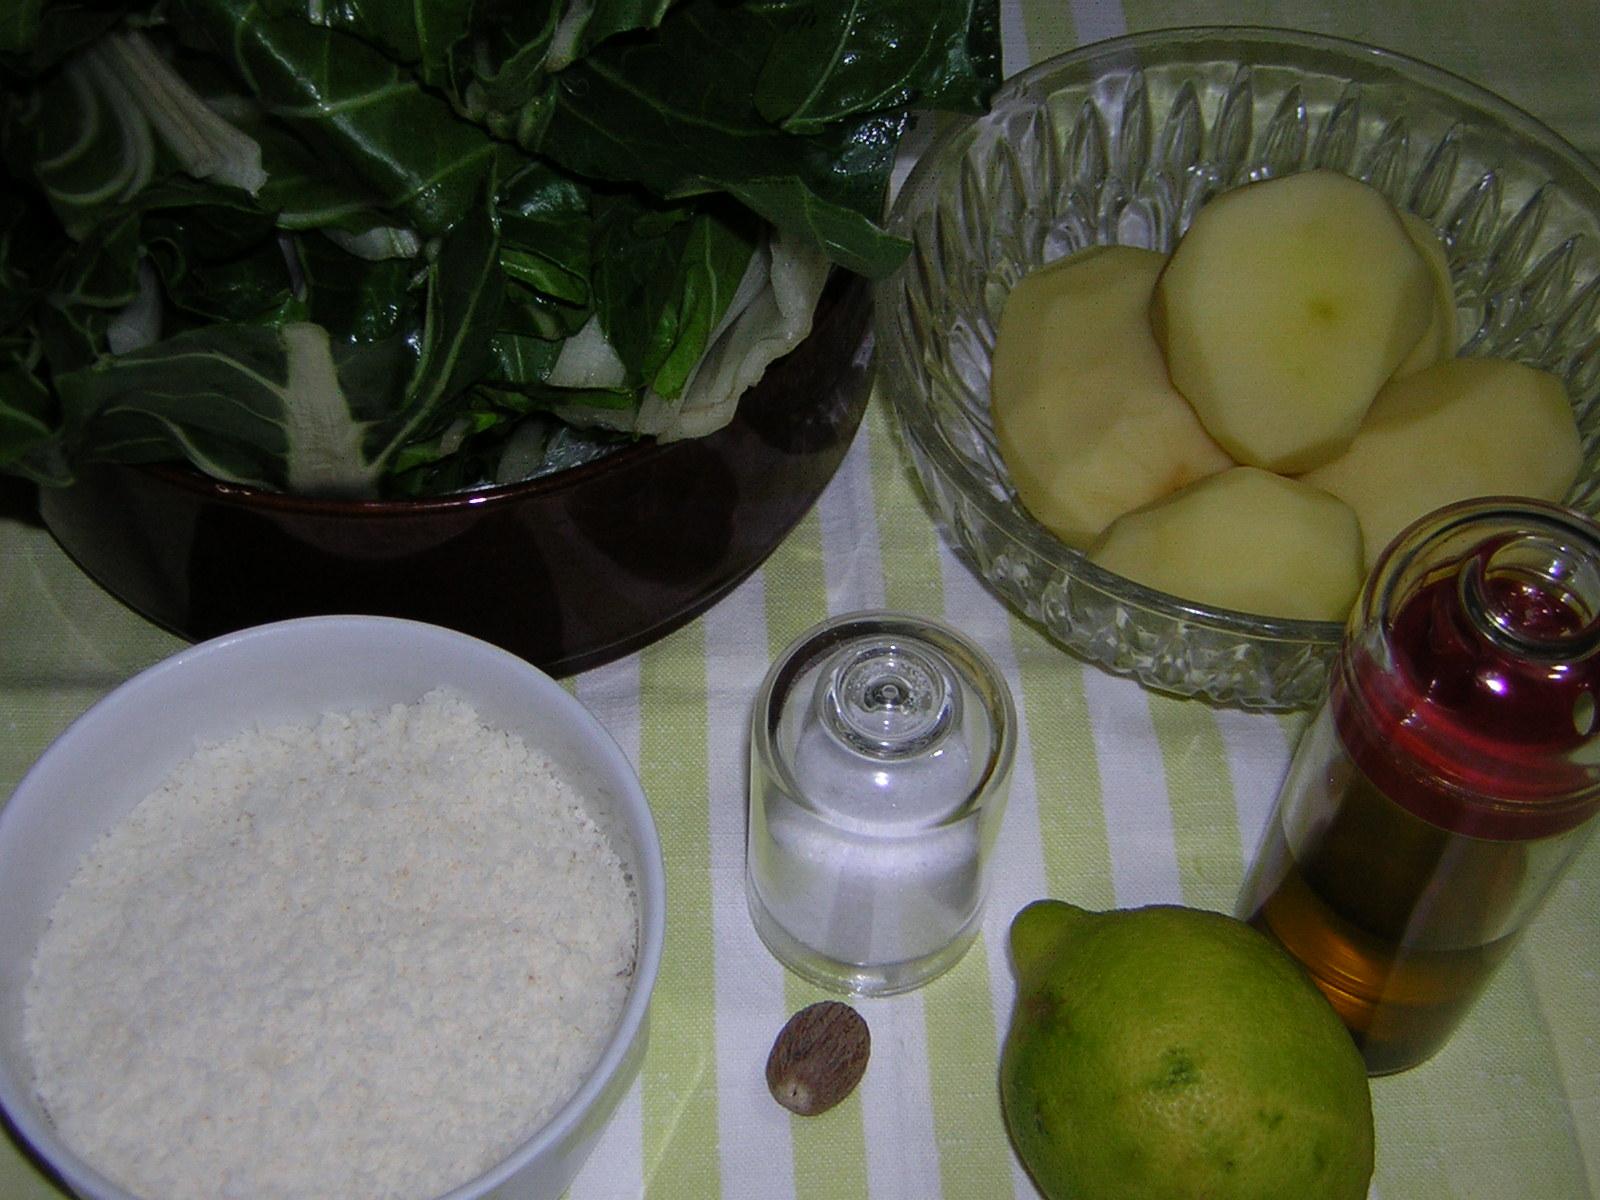 Ingredienti per la preparazione dello sformato di patate e bietola